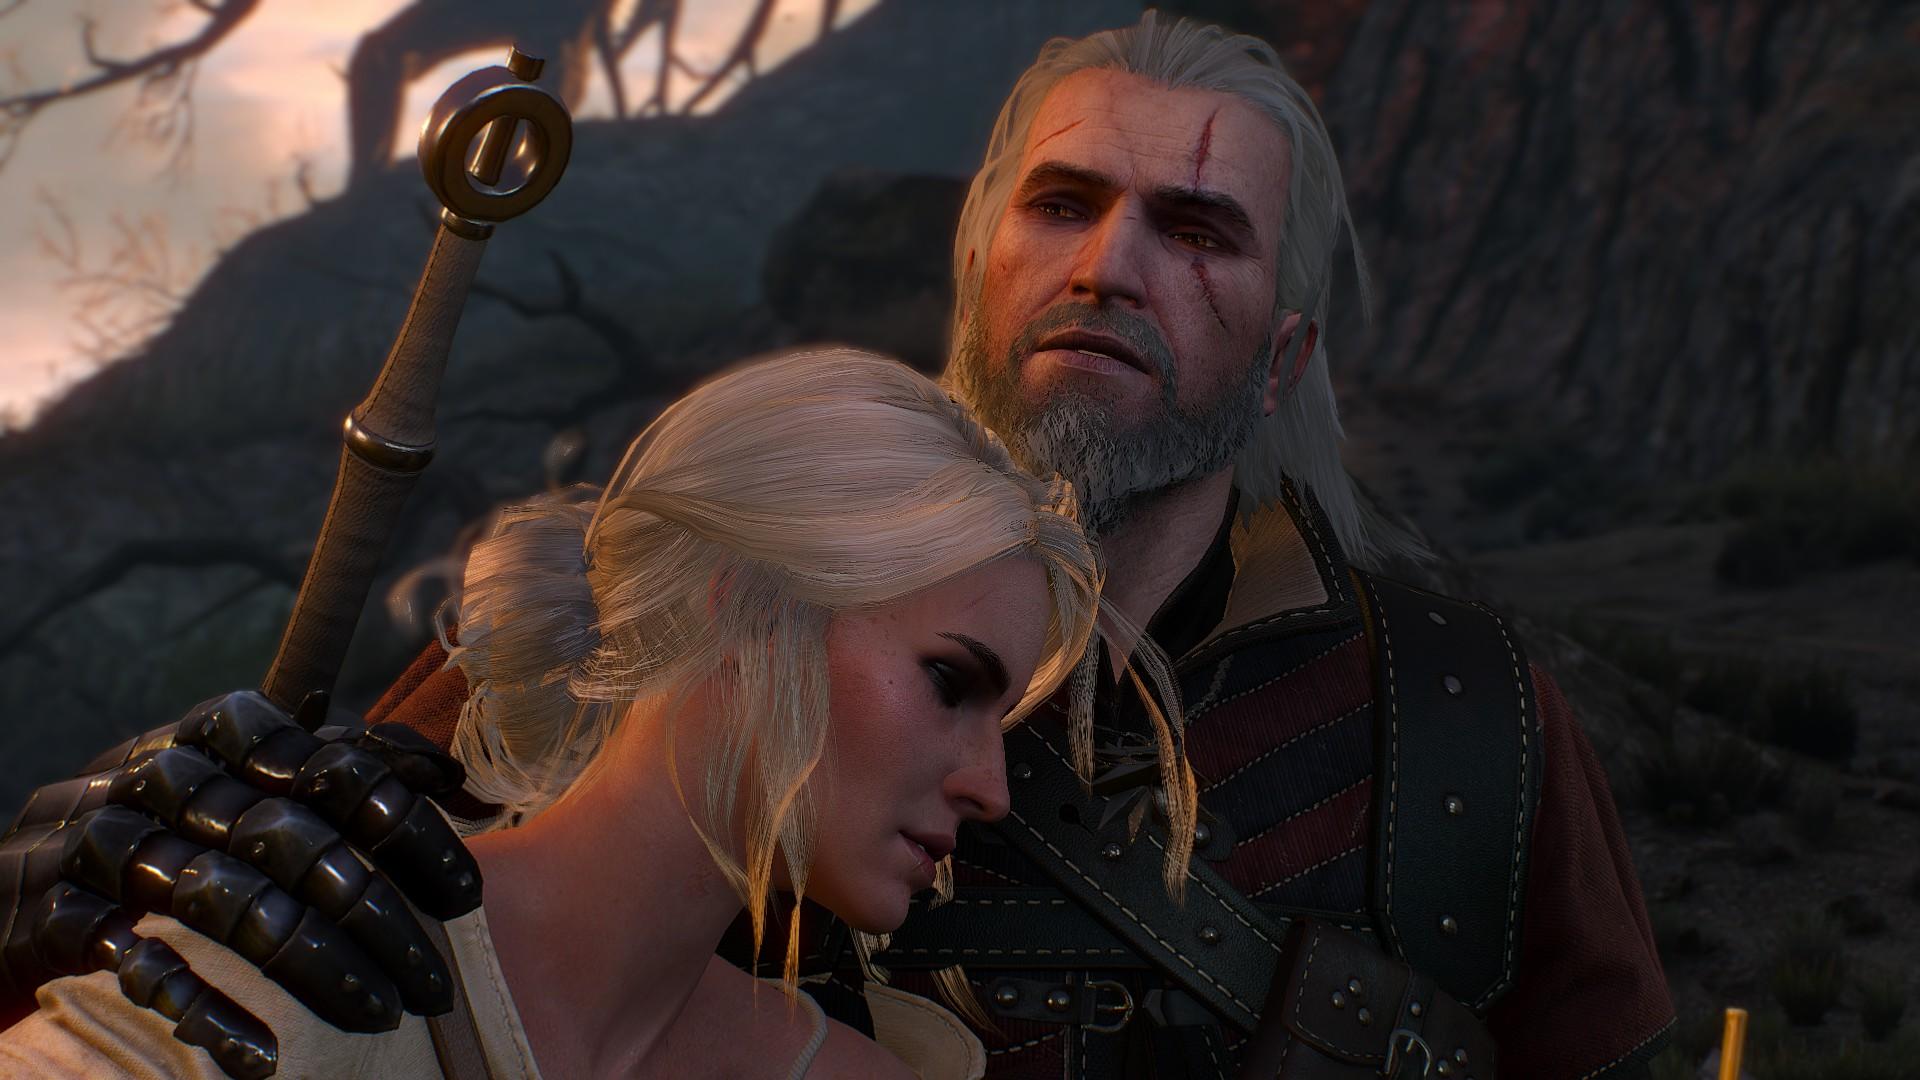 The Witcher 3 Geralt And Ciri 2 Wallpaper By Crishark On Deviantart